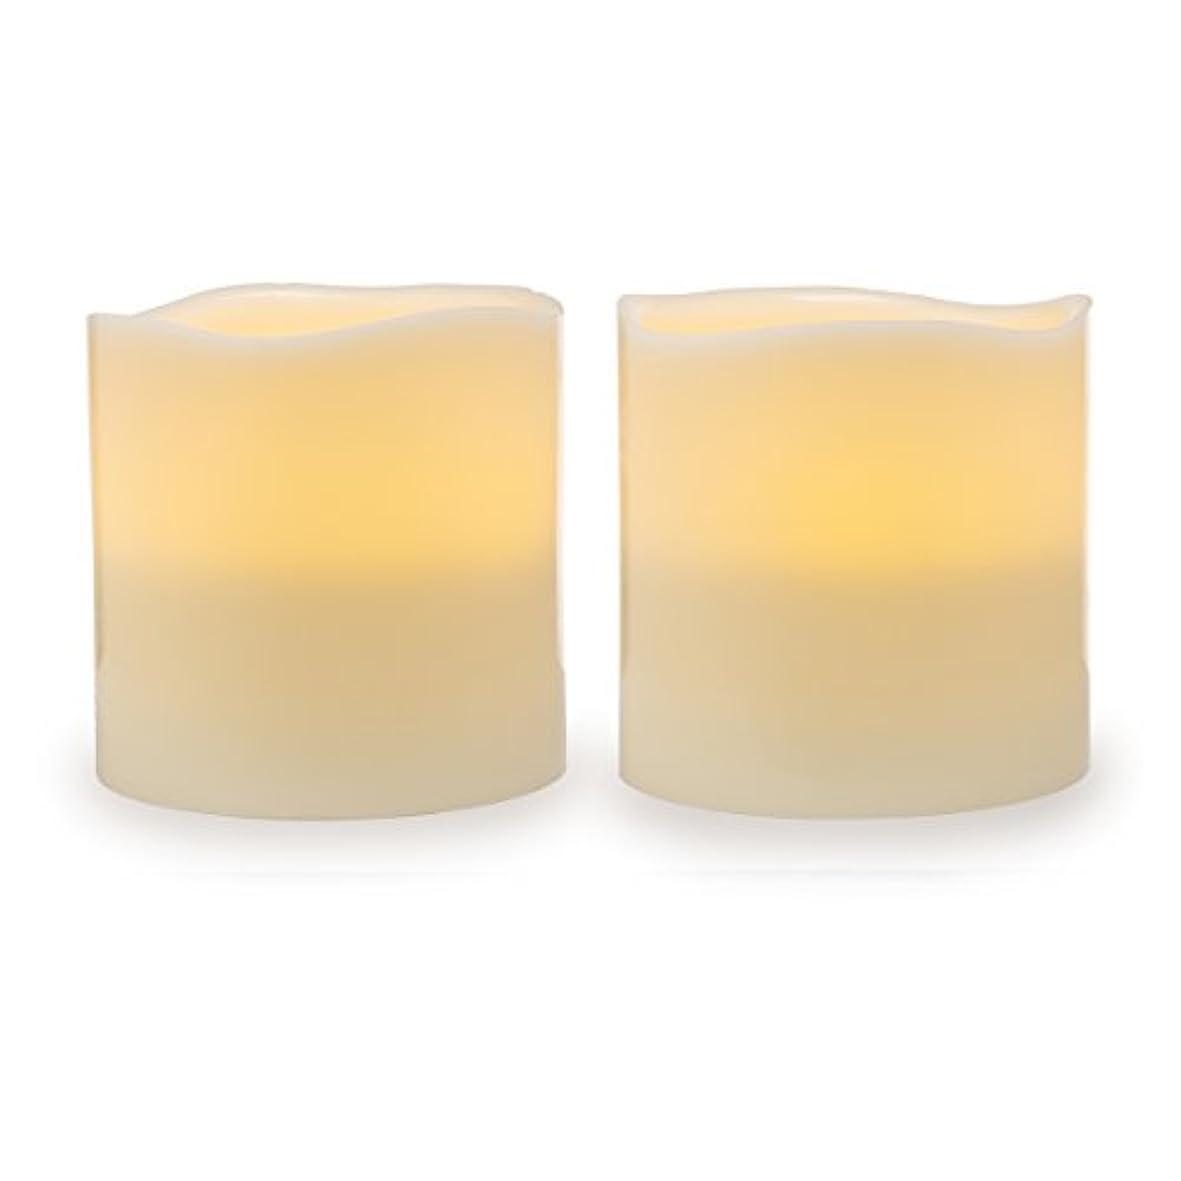 仕事ジレンマオンスDarice電池式LED Pillar Candleセット、2ピース